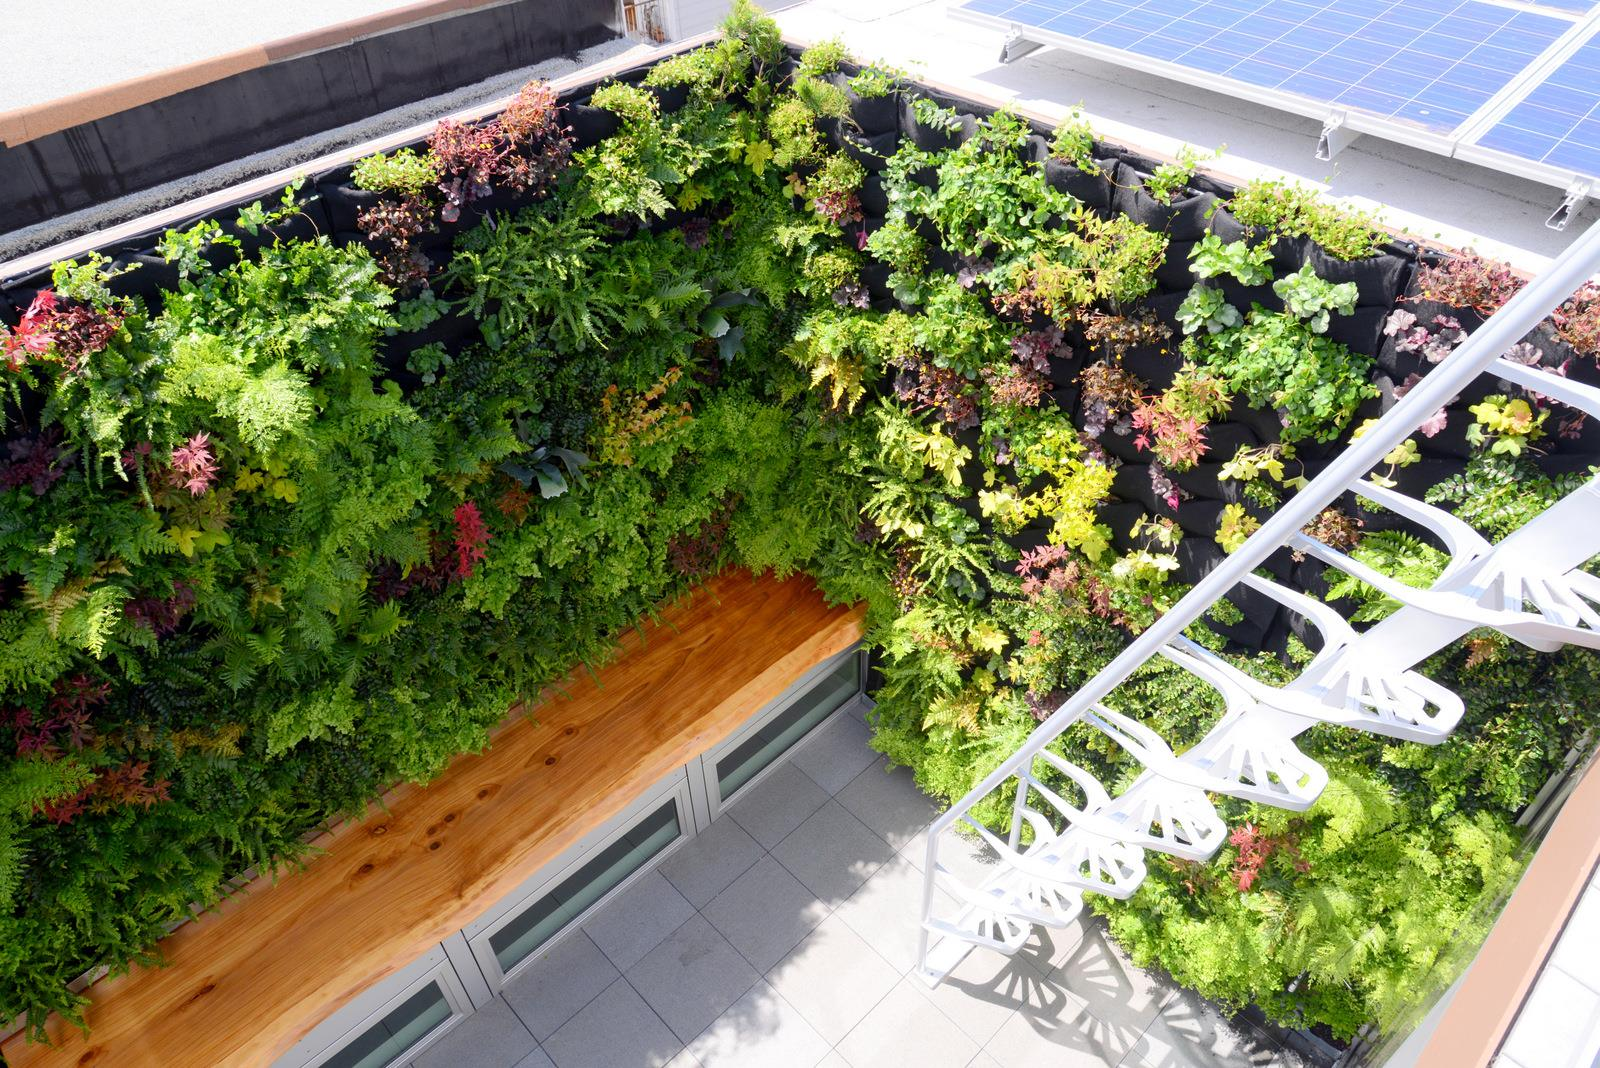 vertical garden looking down.jpg